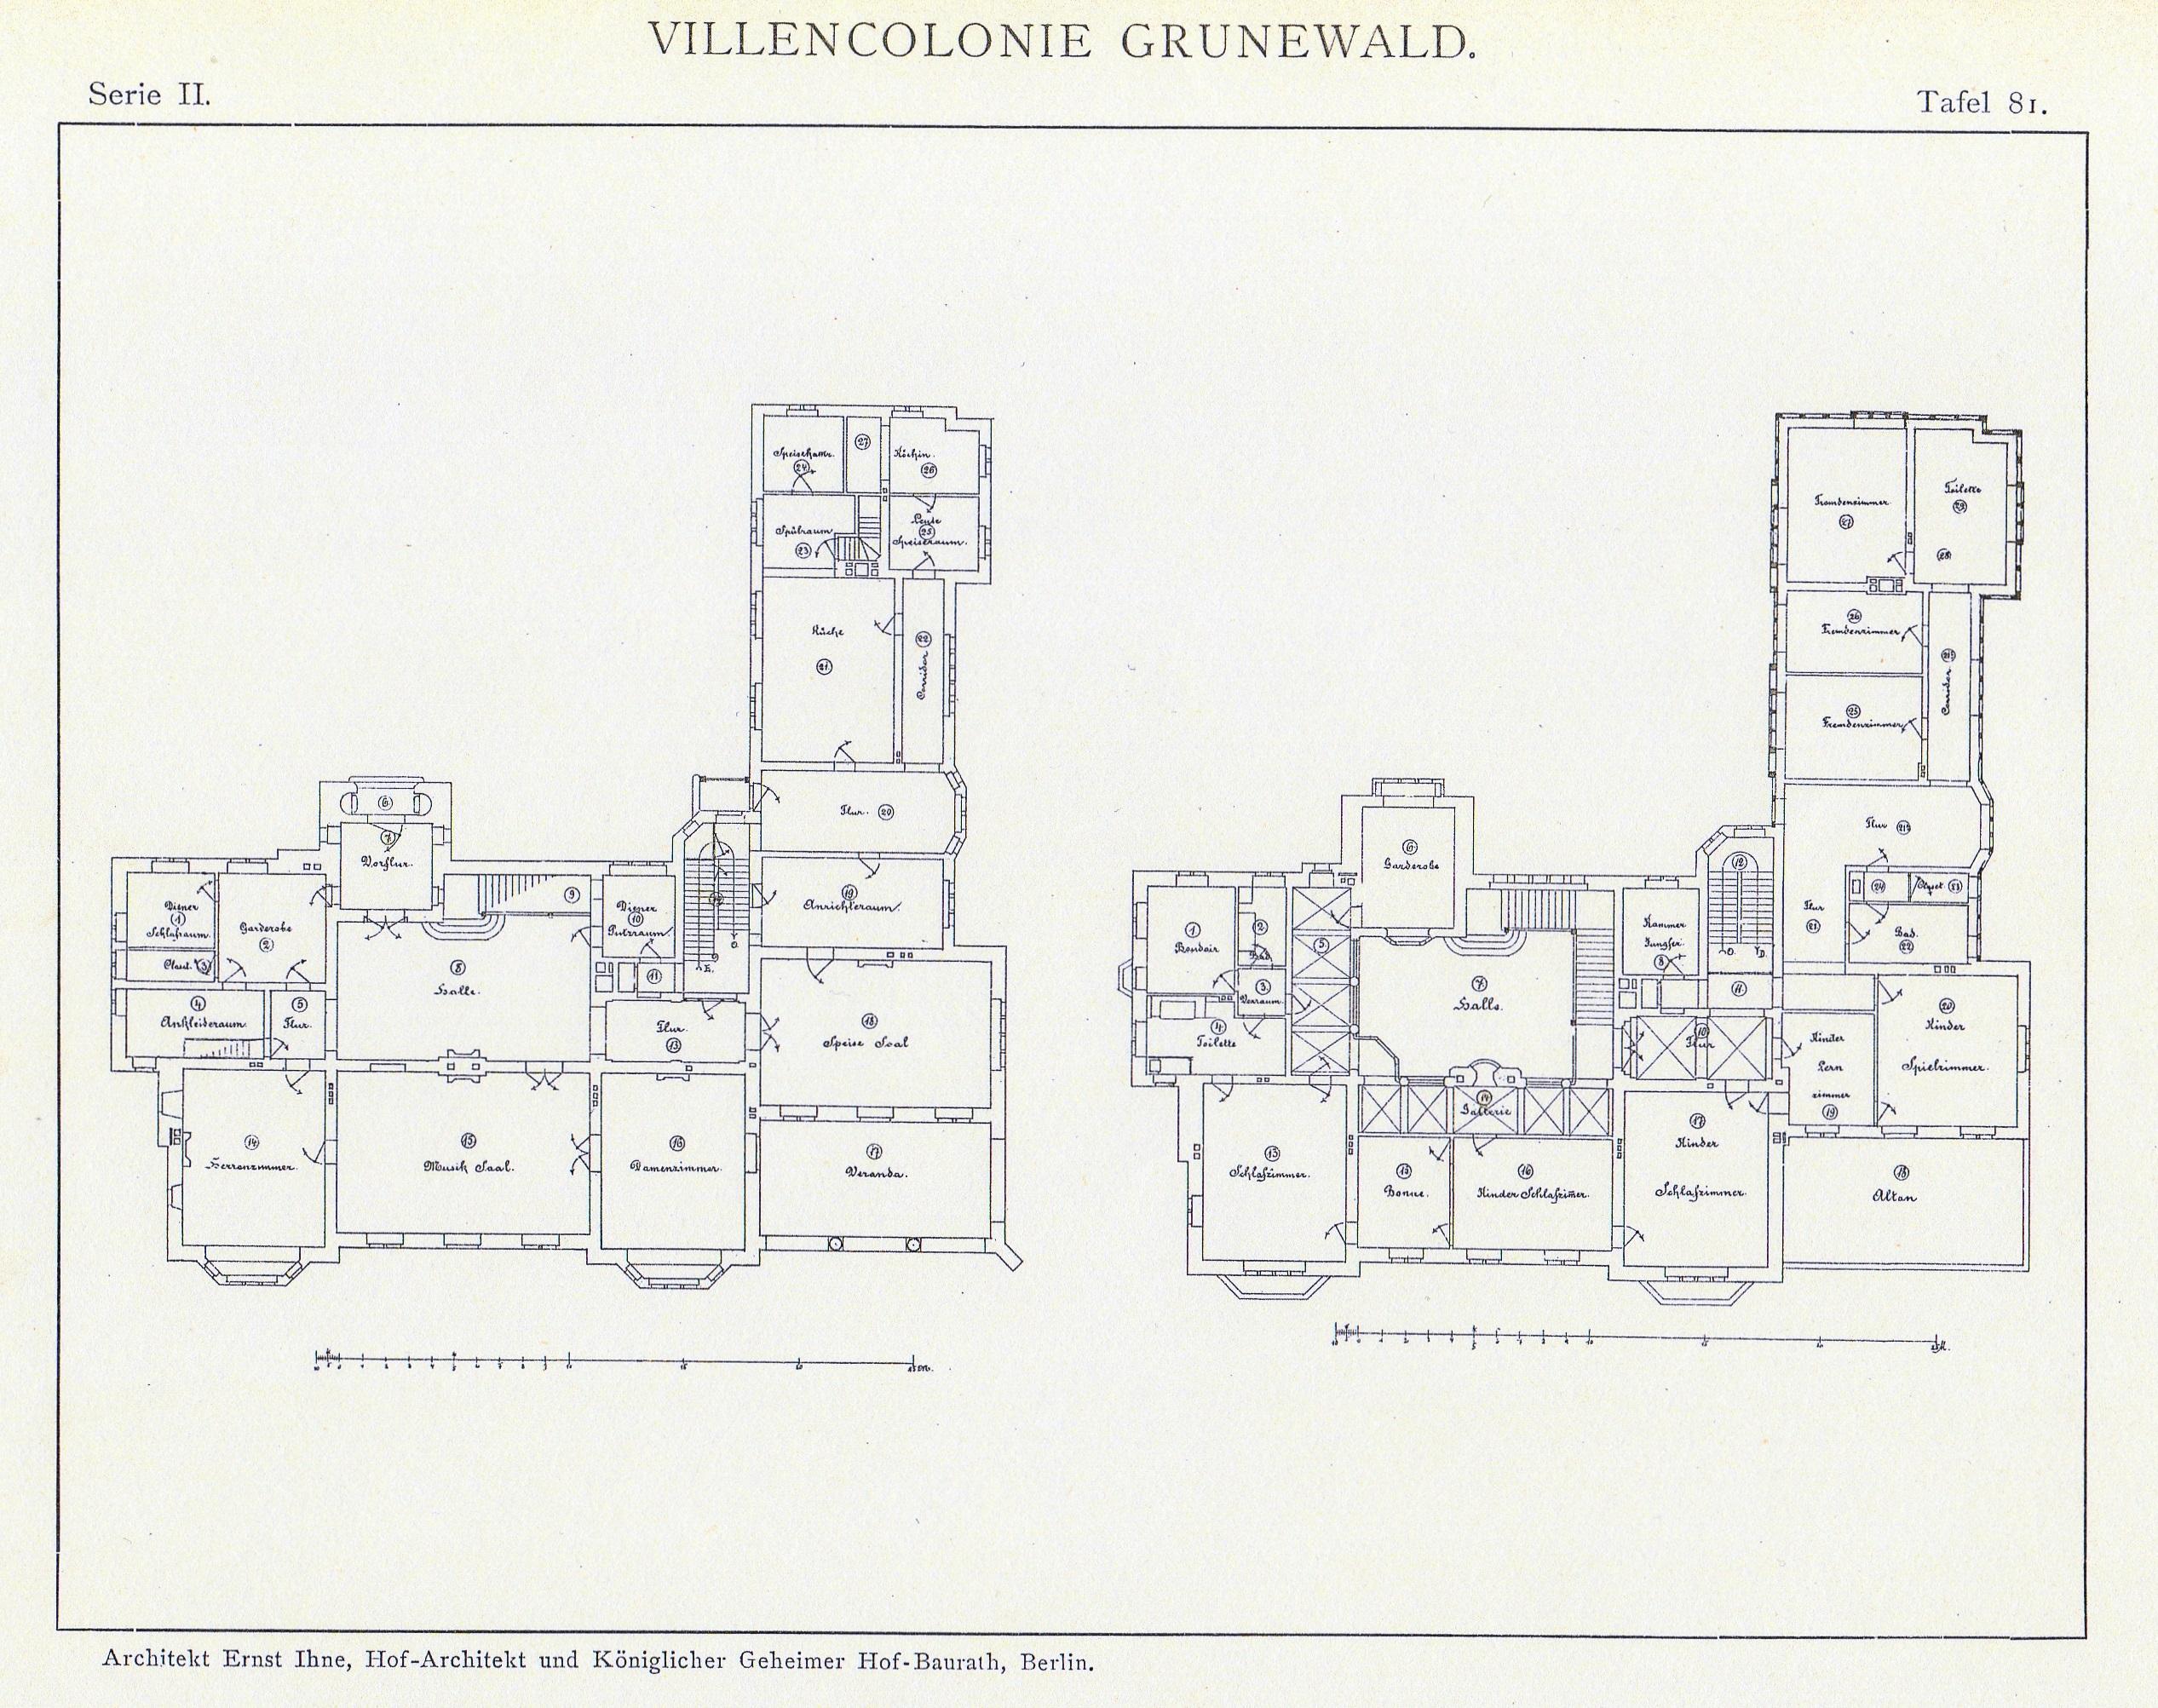 datei landhaus mendelssohn gebaude grundrisse erdgeschoss u obergeschoss jpg